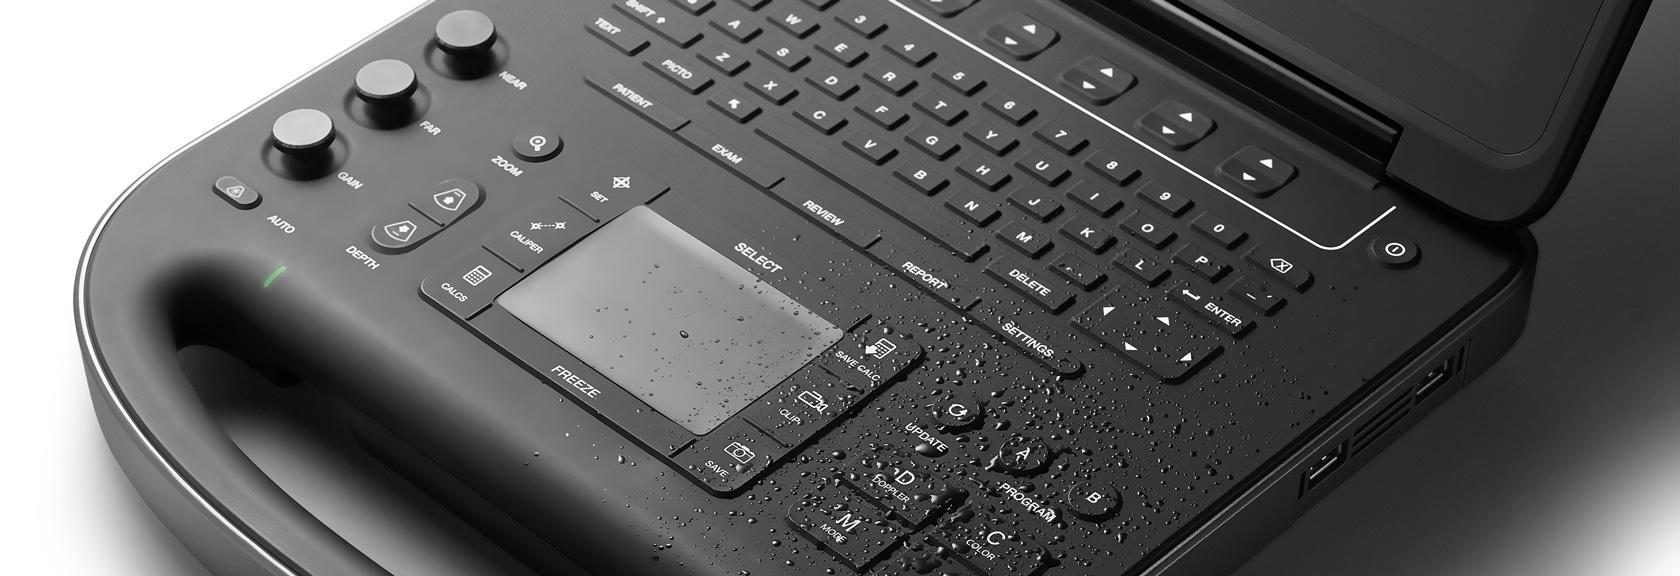 [foto] Respingos de água sobre o teclado preto do SonoSite Edge II